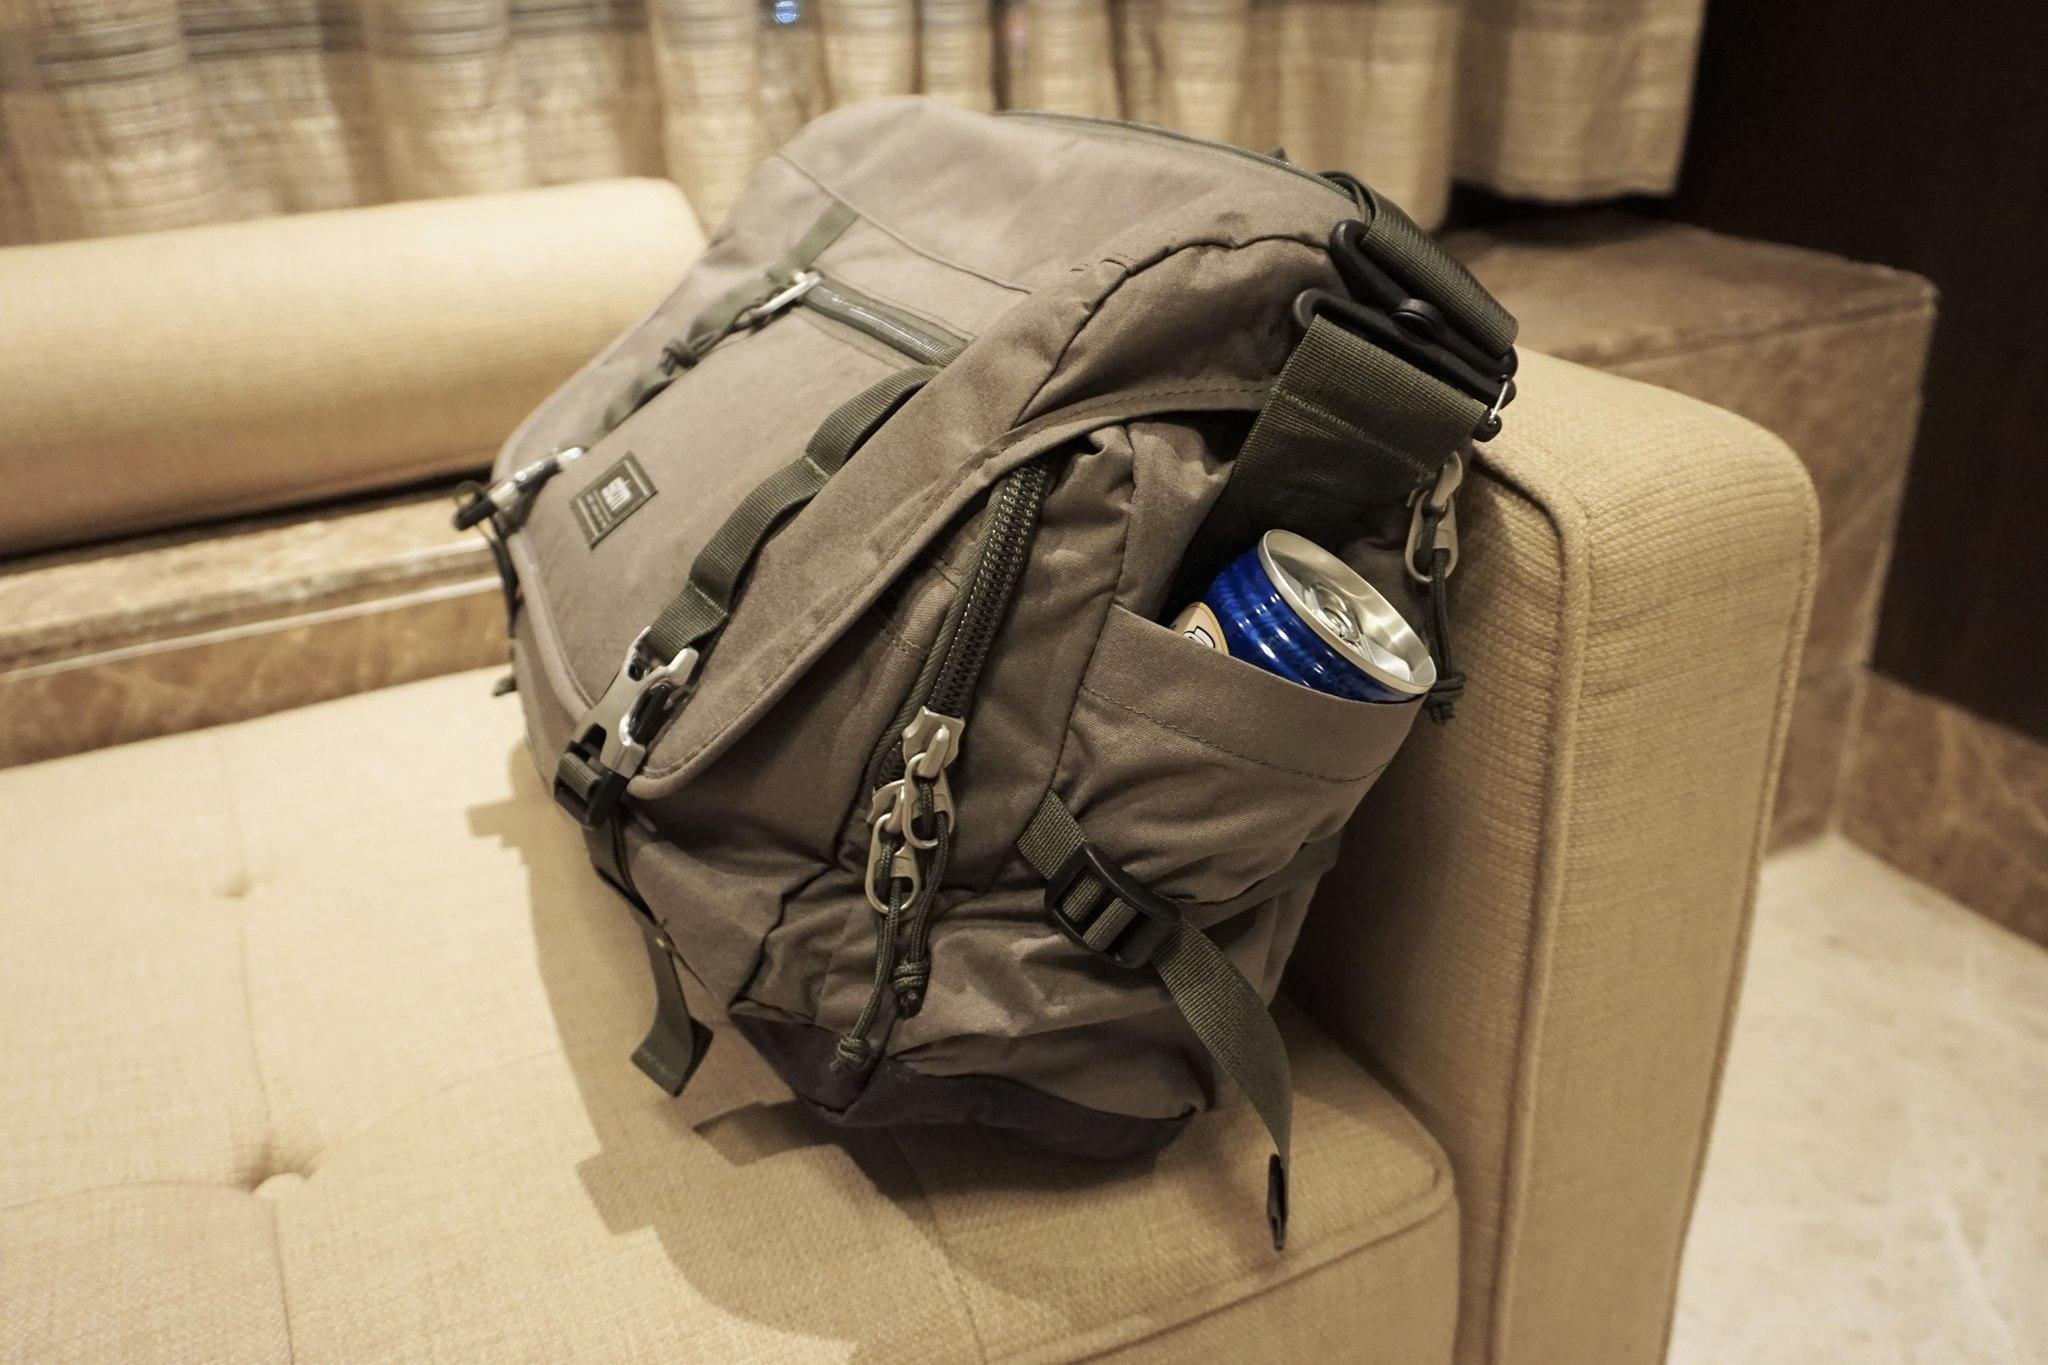 stm-trust-15-inch-laptop-messenger-bag-10